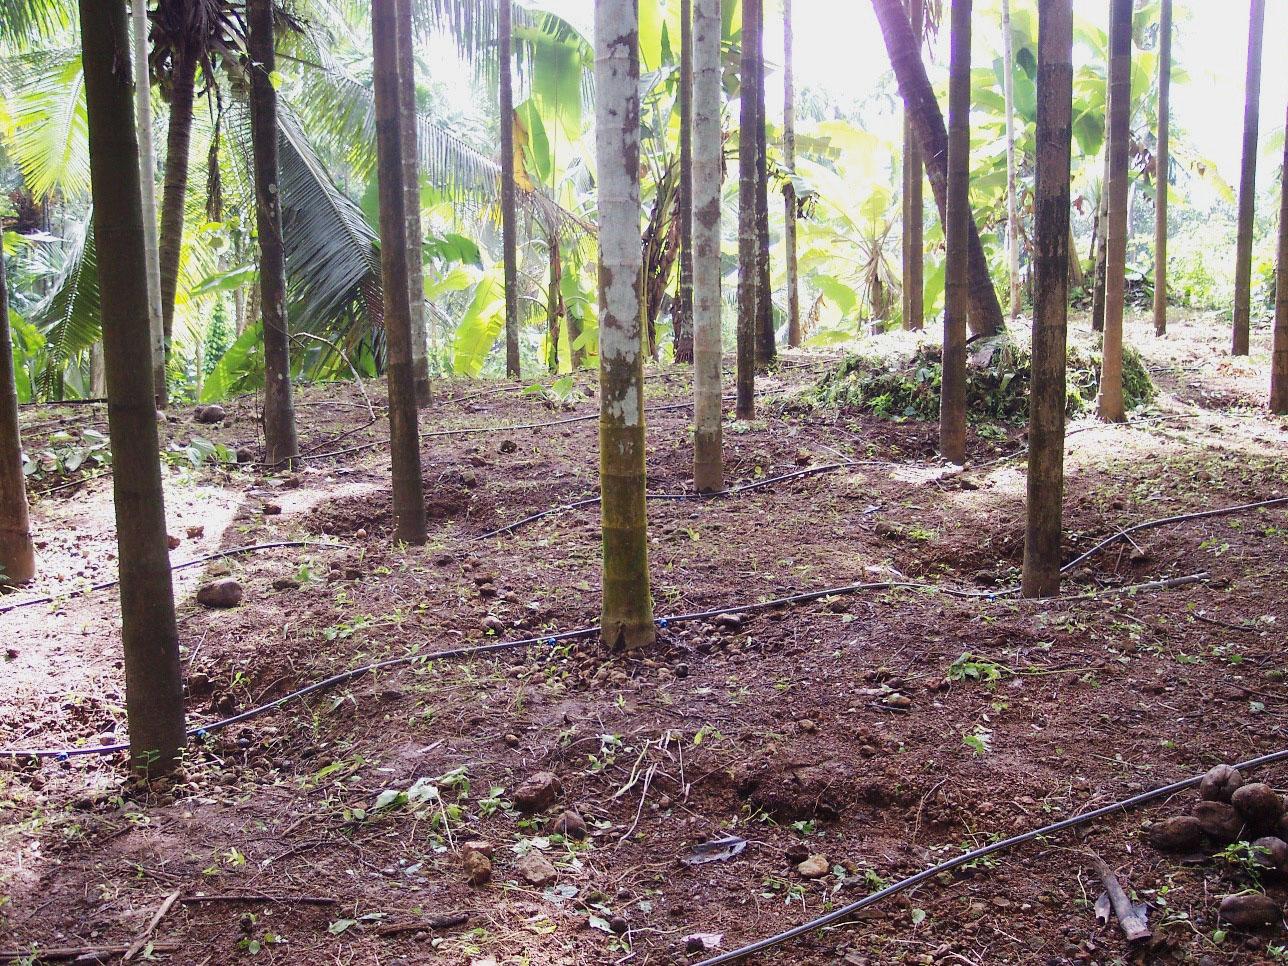 Irrigating root zones